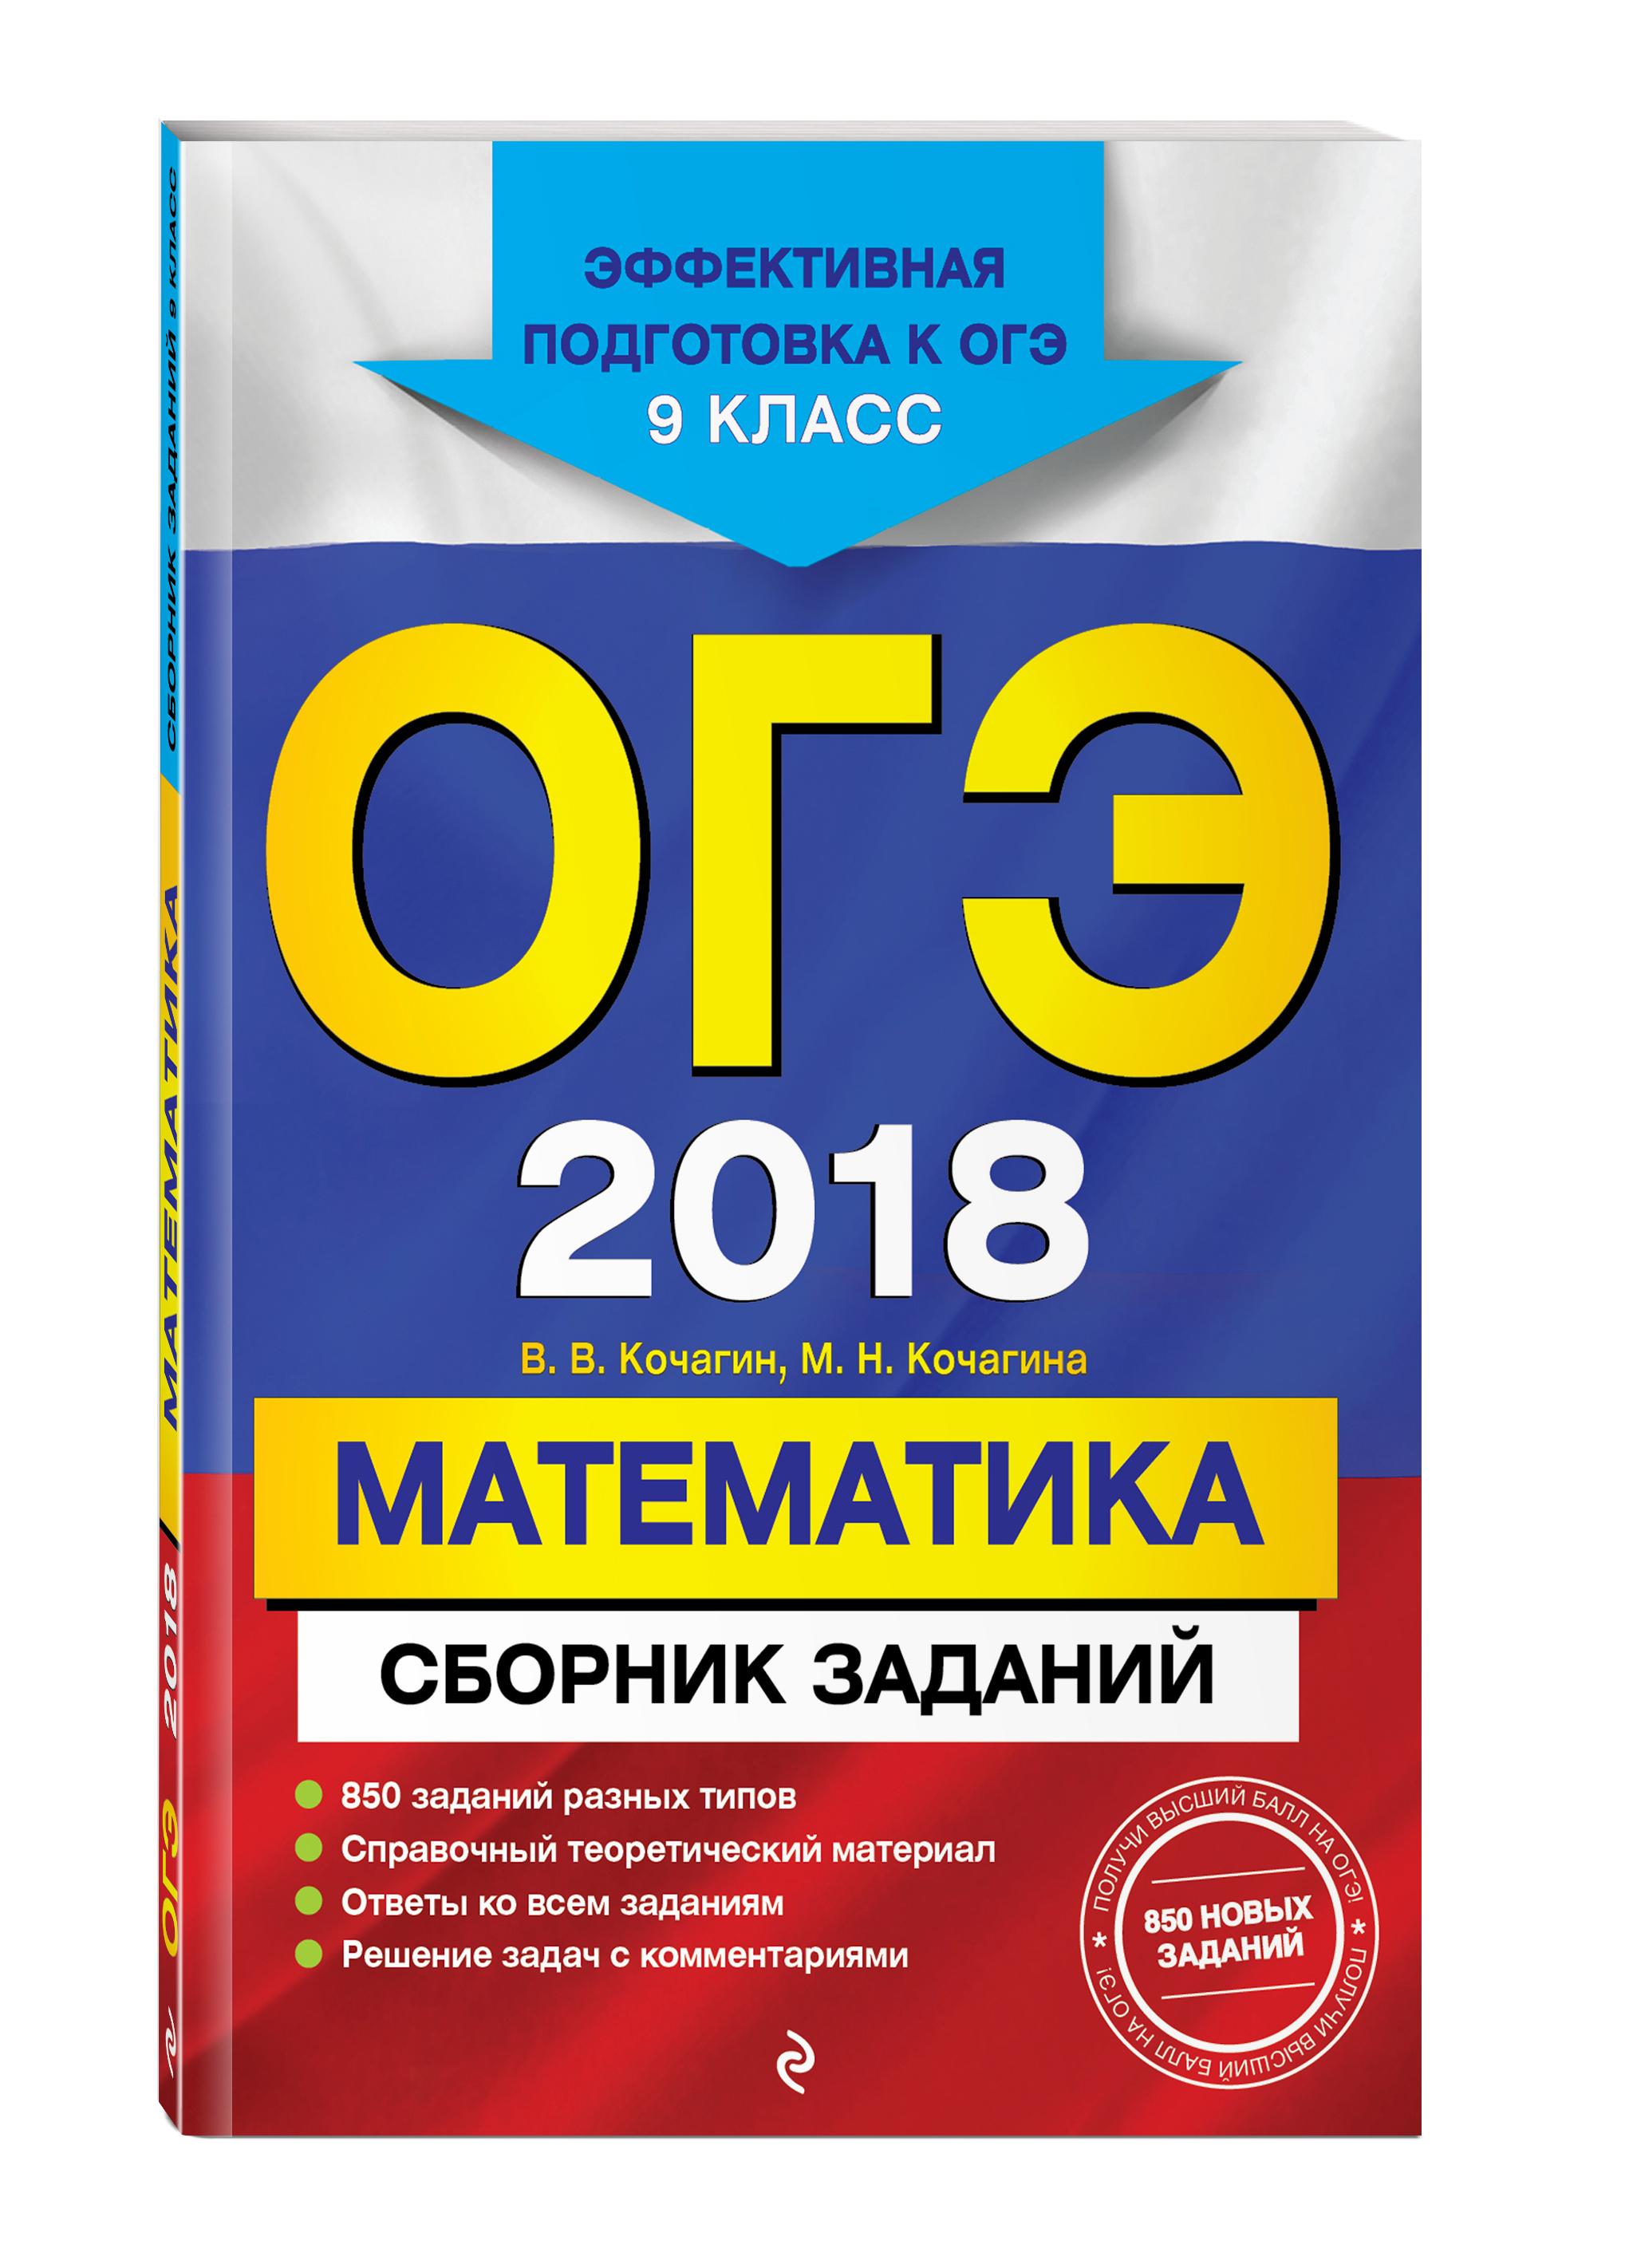 Школа 2018 гдз